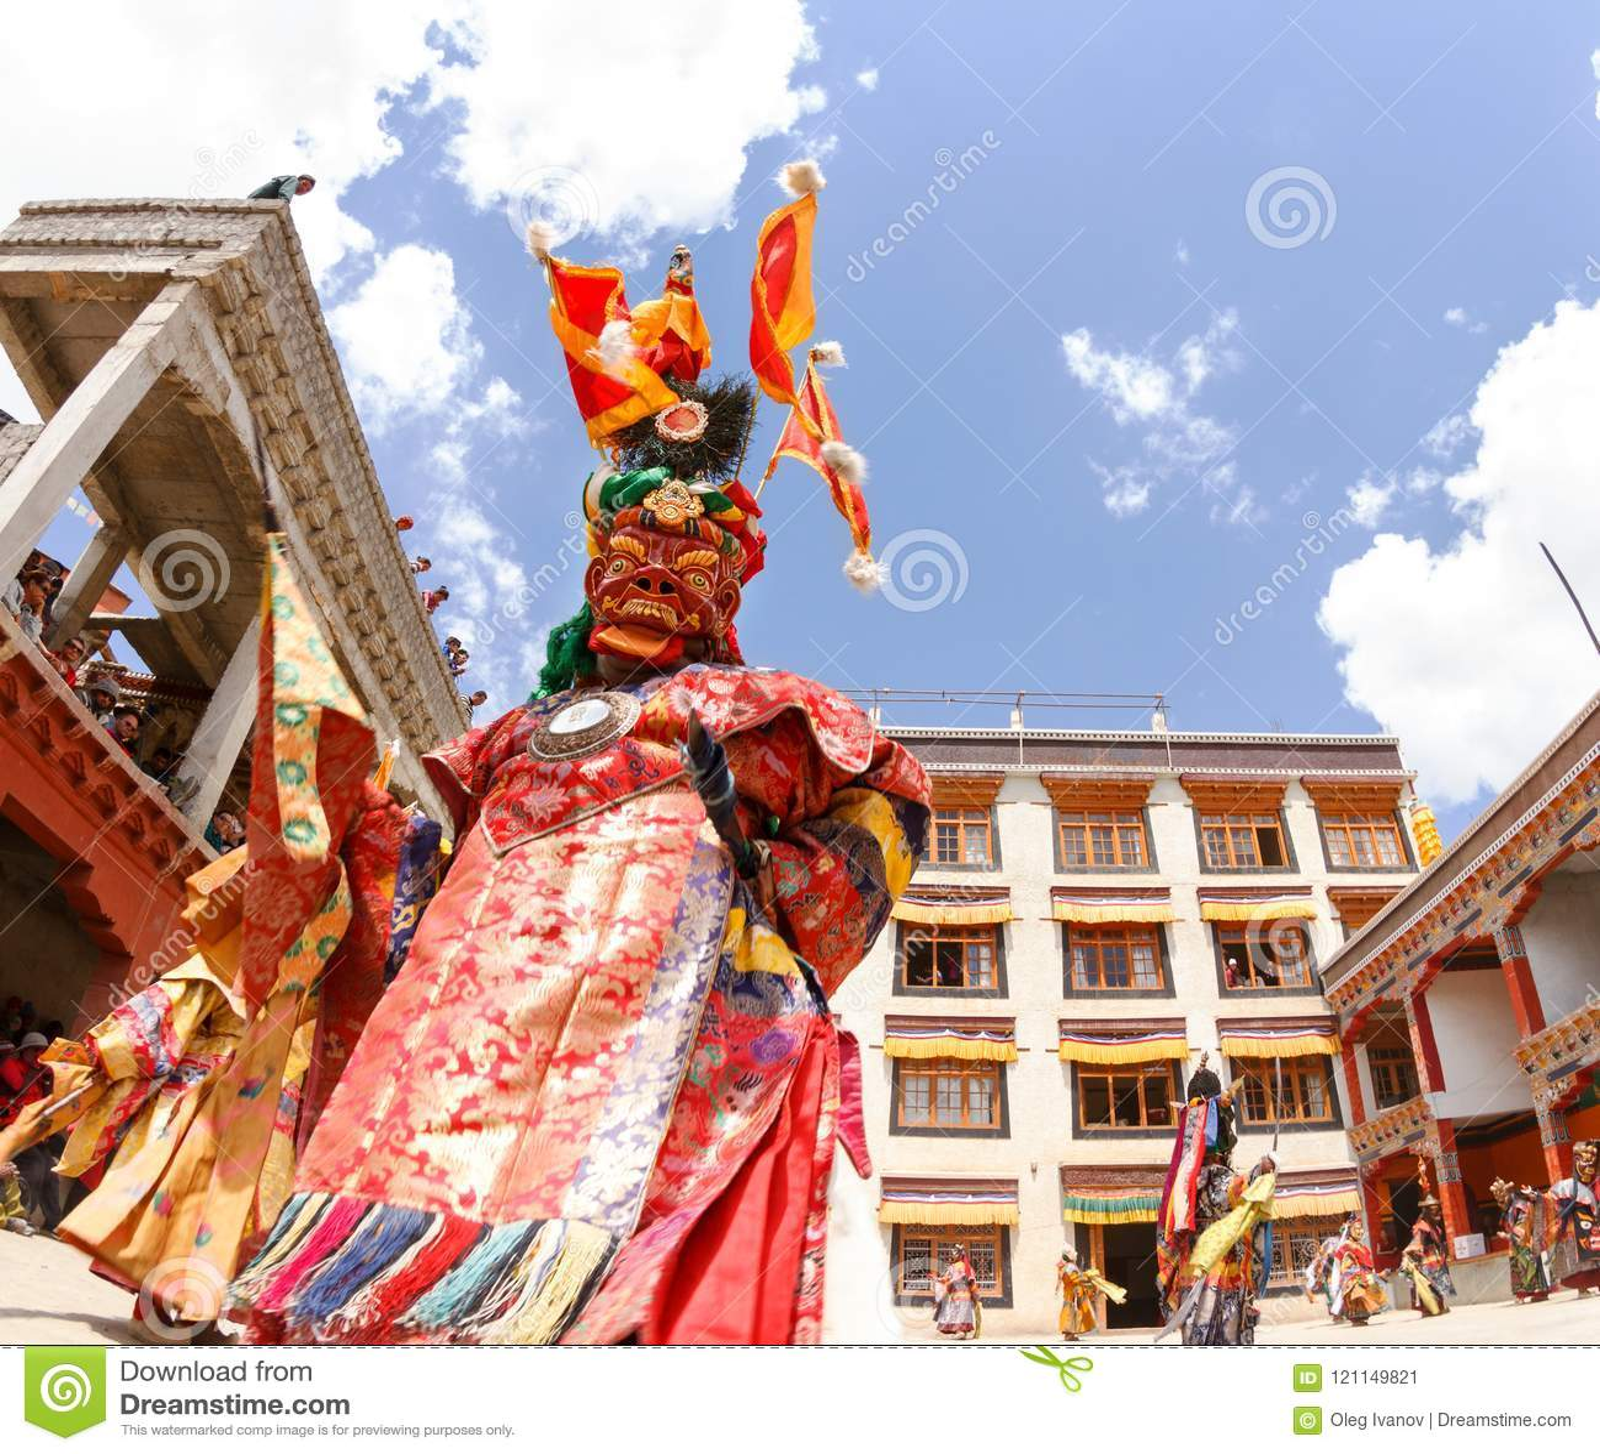 Монахи выполняют религиозный замаскированный и костюмированный танец тайны тибетского буддизма на традиционном фестивале танца Ch